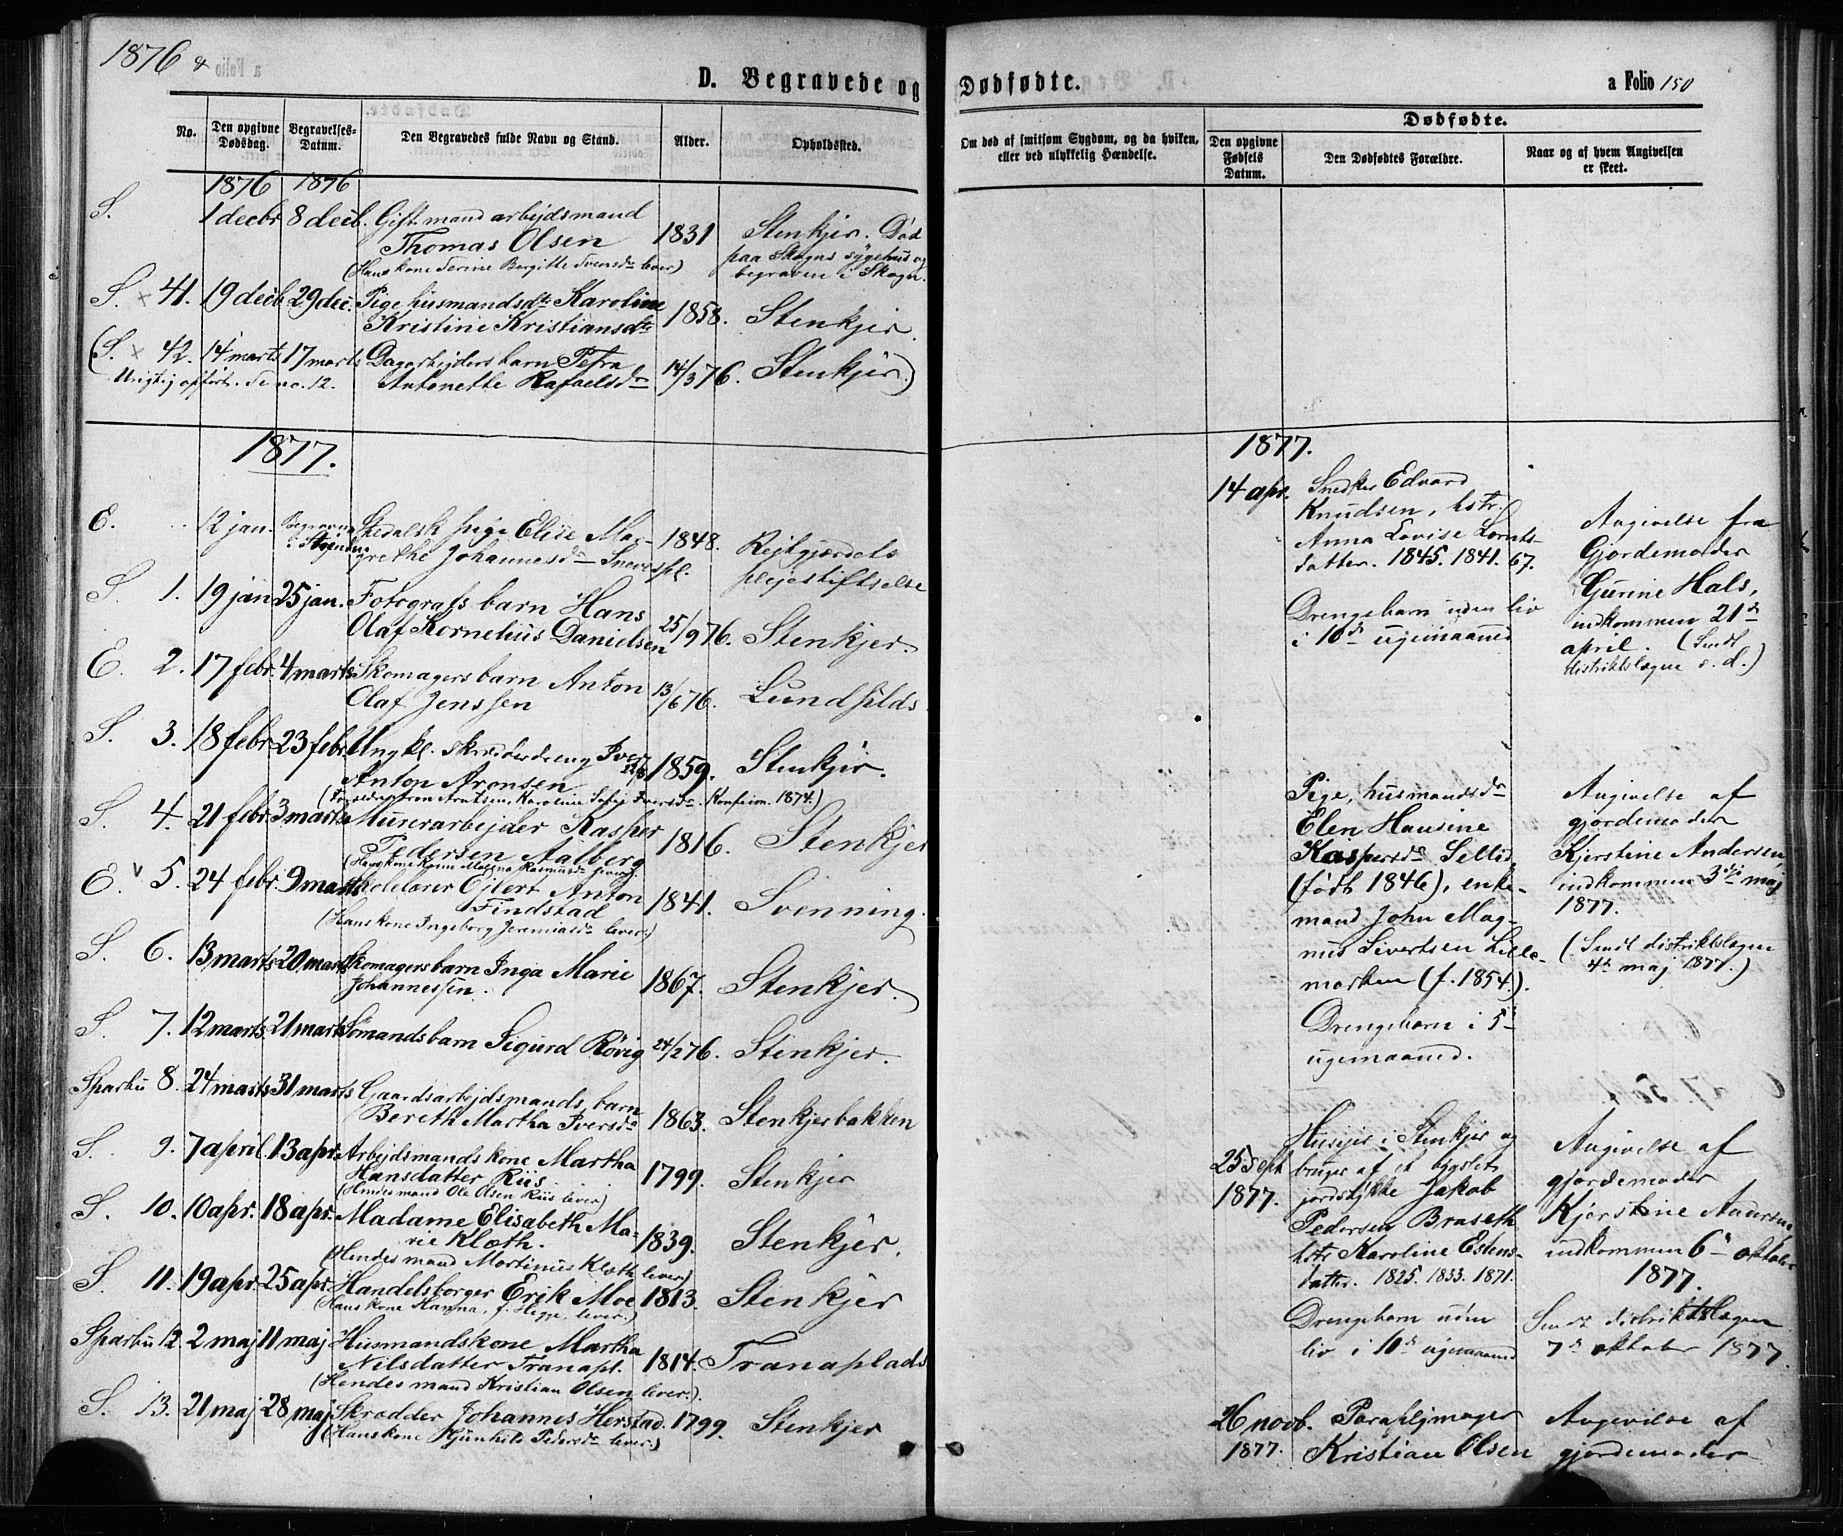 SAT, Ministerialprotokoller, klokkerbøker og fødselsregistre - Nord-Trøndelag, 739/L0370: Ministerialbok nr. 739A02, 1868-1881, s. 150